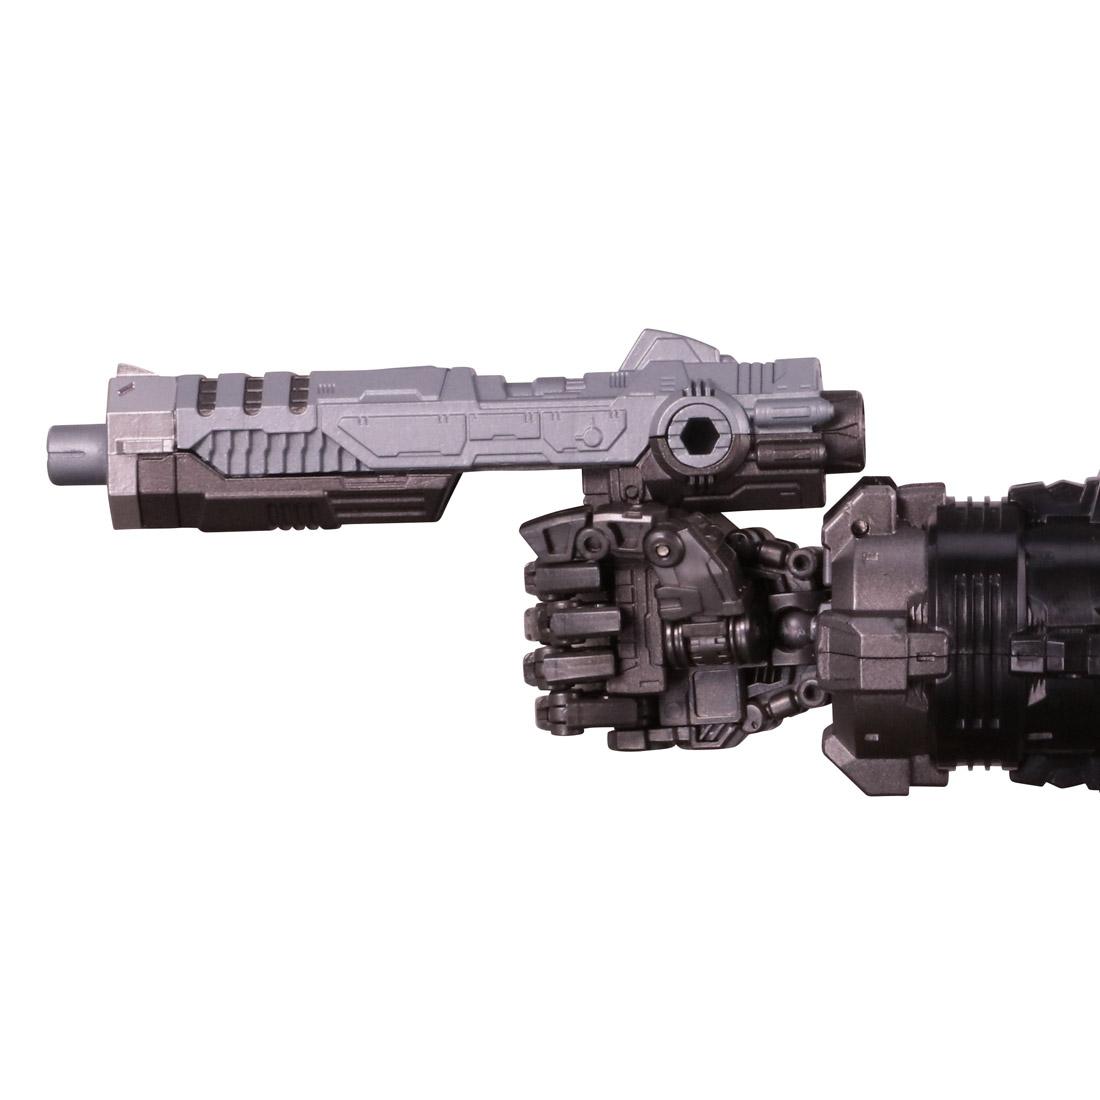 ダイアクロン『DA-33 ビッグパワードGV〈デストロイヤー〉』可動フィギュア-006